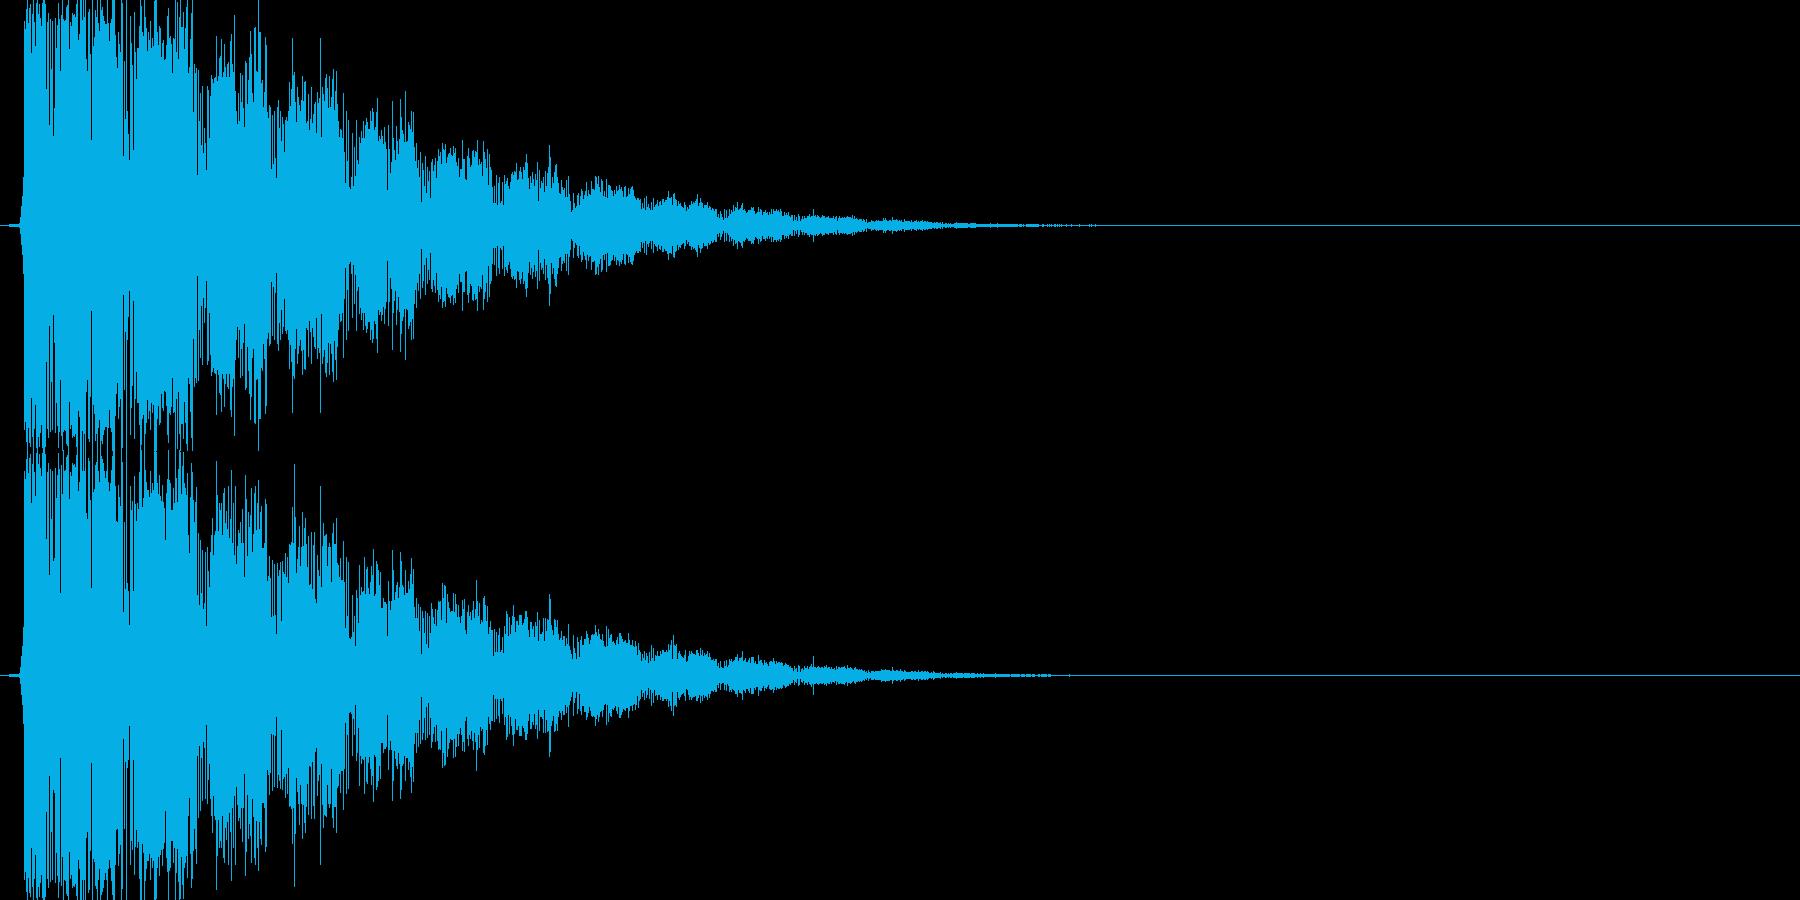 パワワーン(ショット音、STG)の再生済みの波形